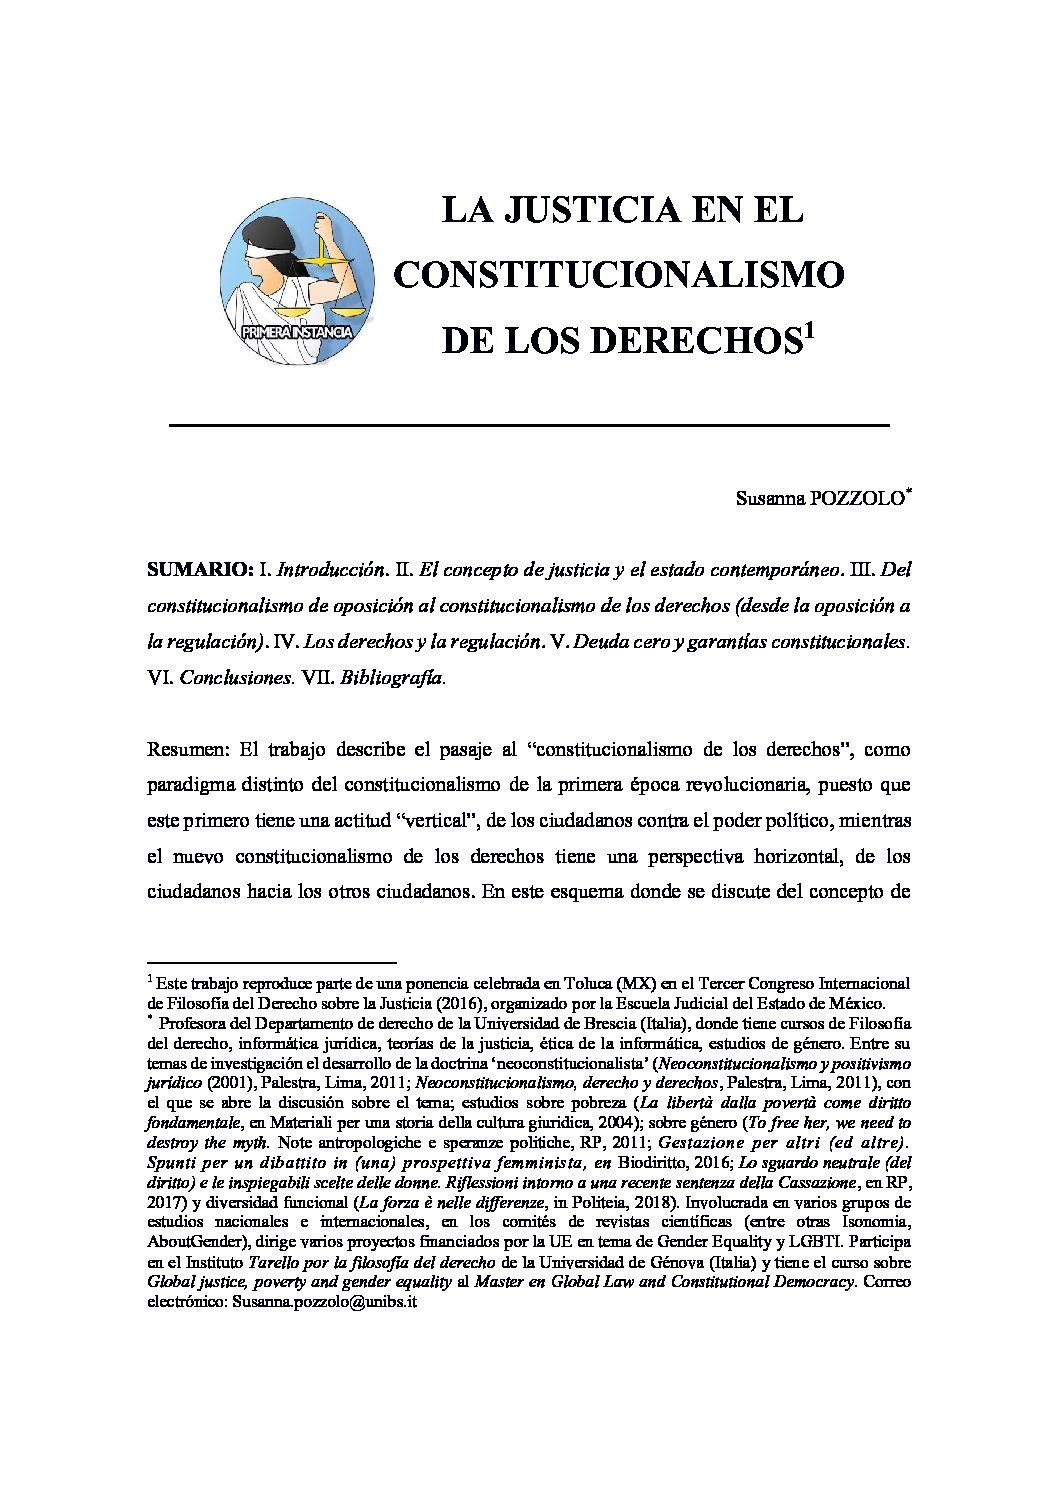 LA JUSTICIA EN EL CONSTITUCIONALISMO DE LOS DERECHOS. Sussana Pozzolo